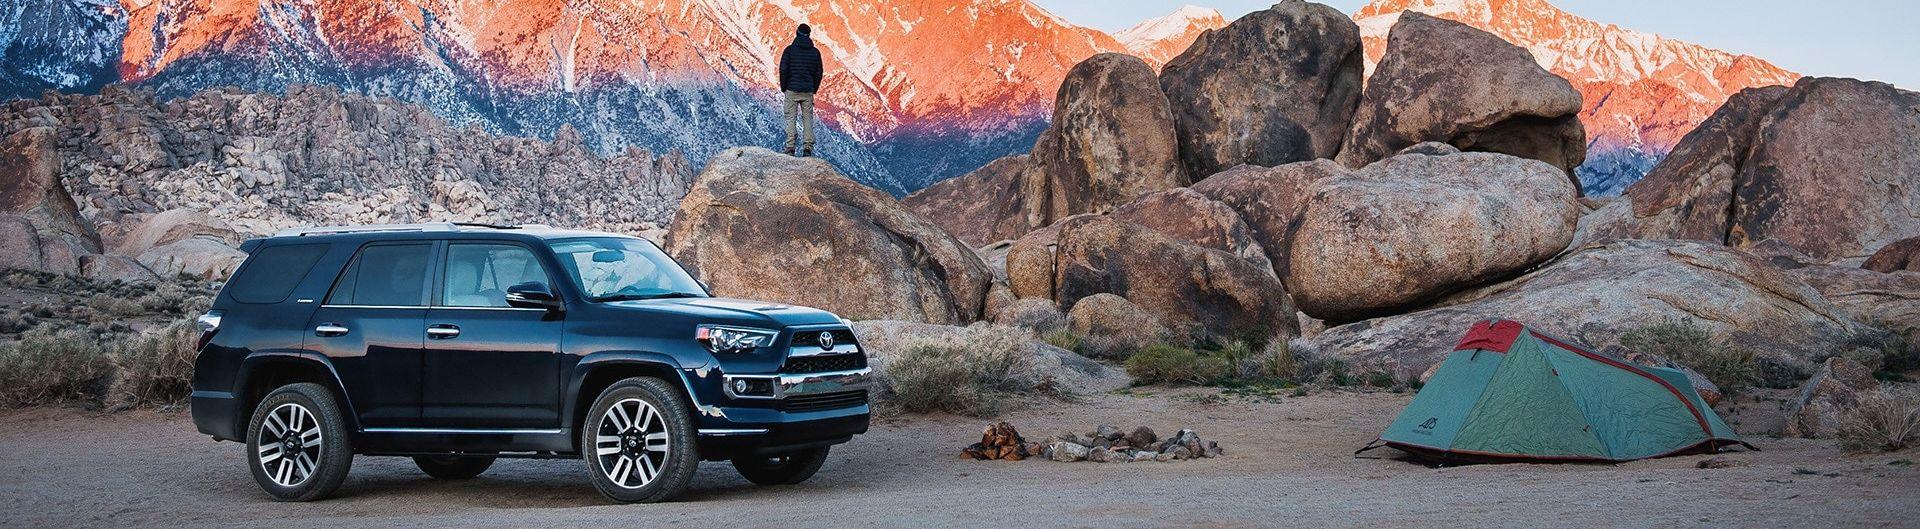 2019 Toyota 4Runner for Sale near Merriam, KS